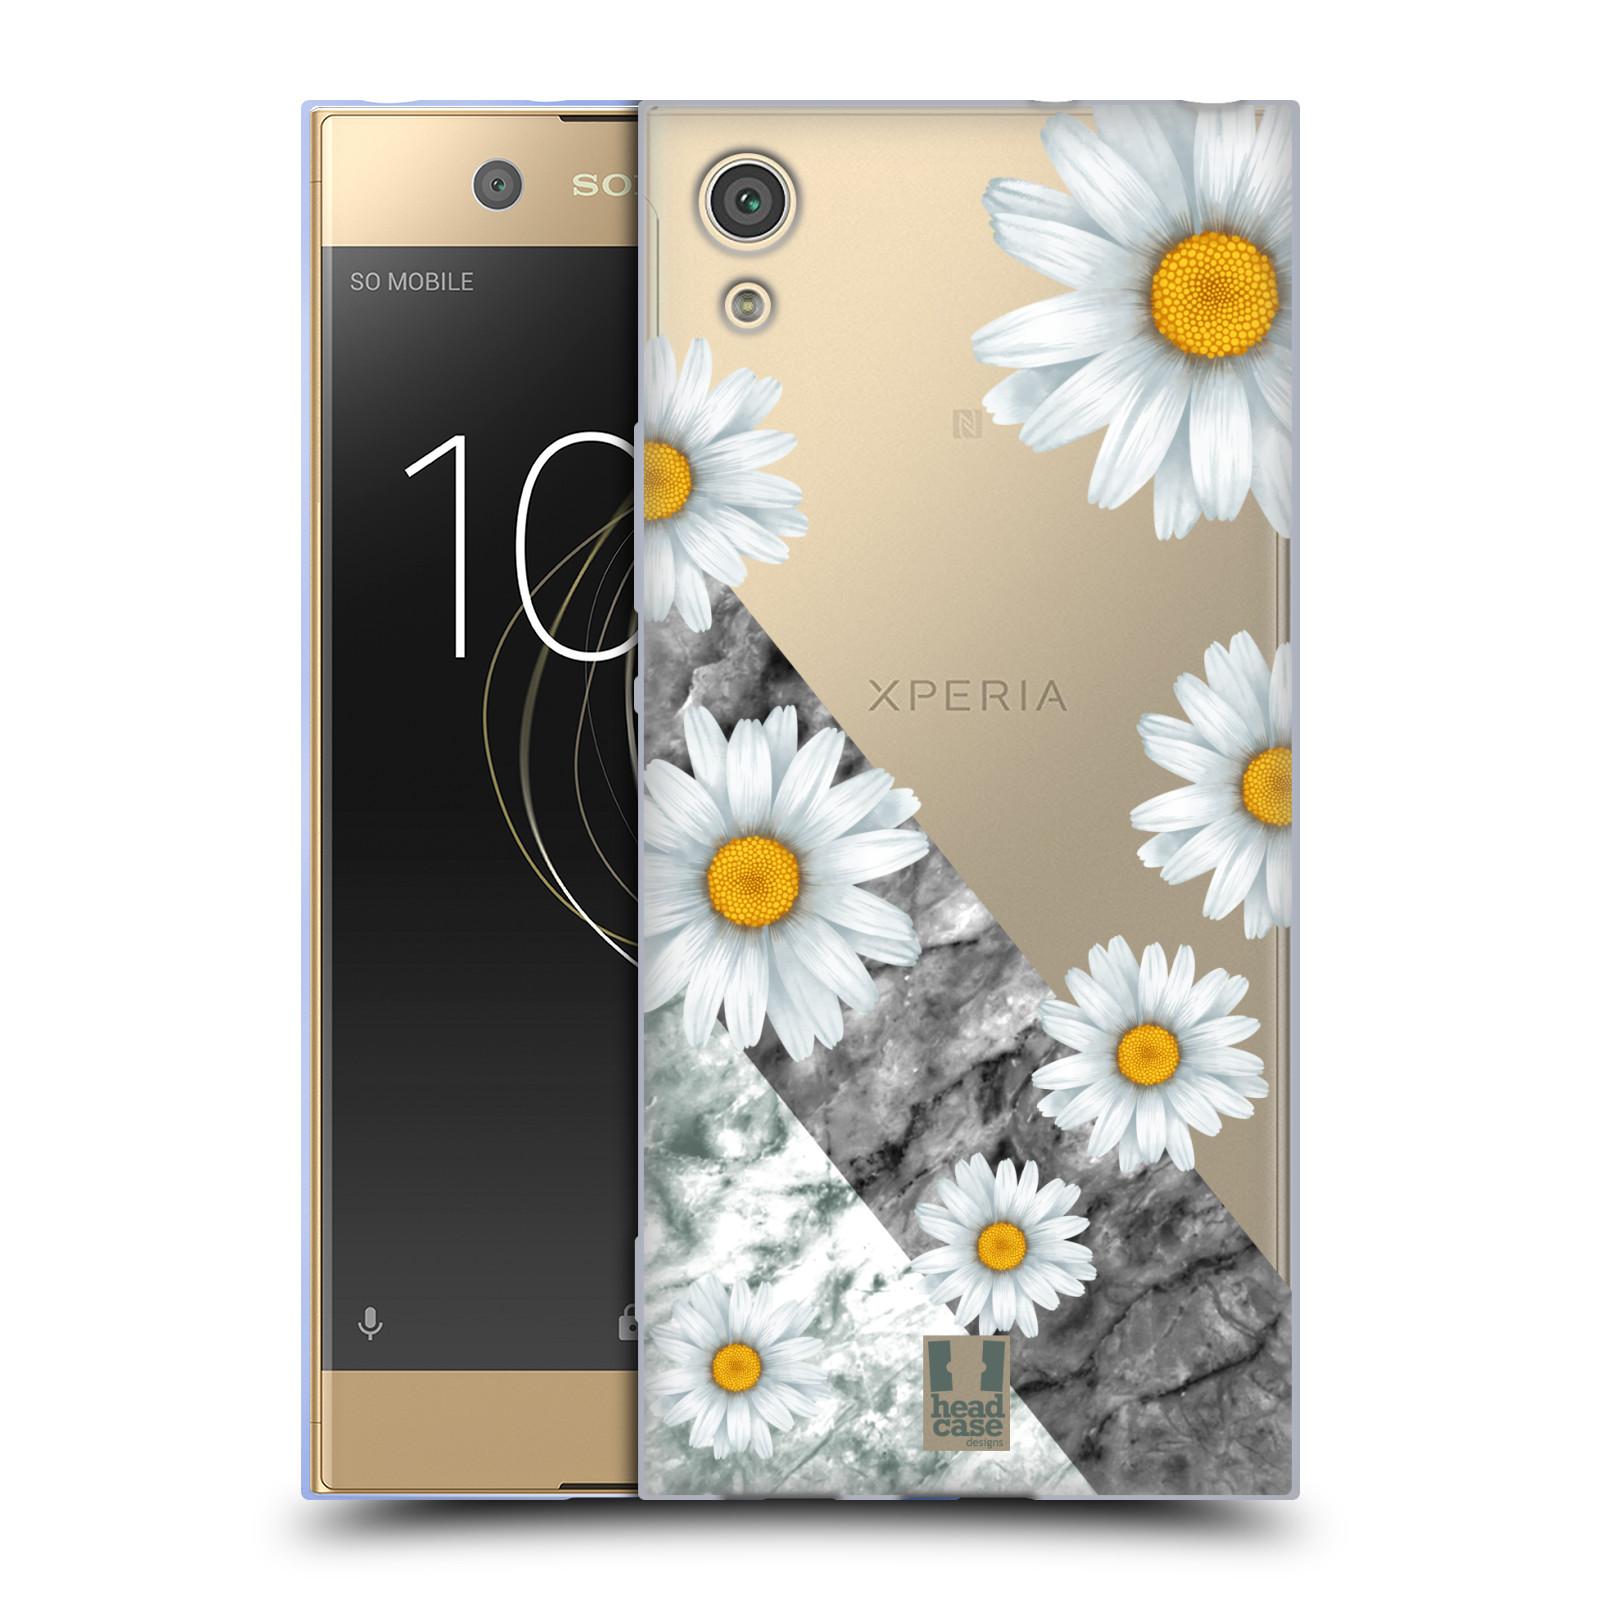 Silikonové pouzdro na mobil Sony Xperia XA1 - Head Case - Kopretiny a mramor